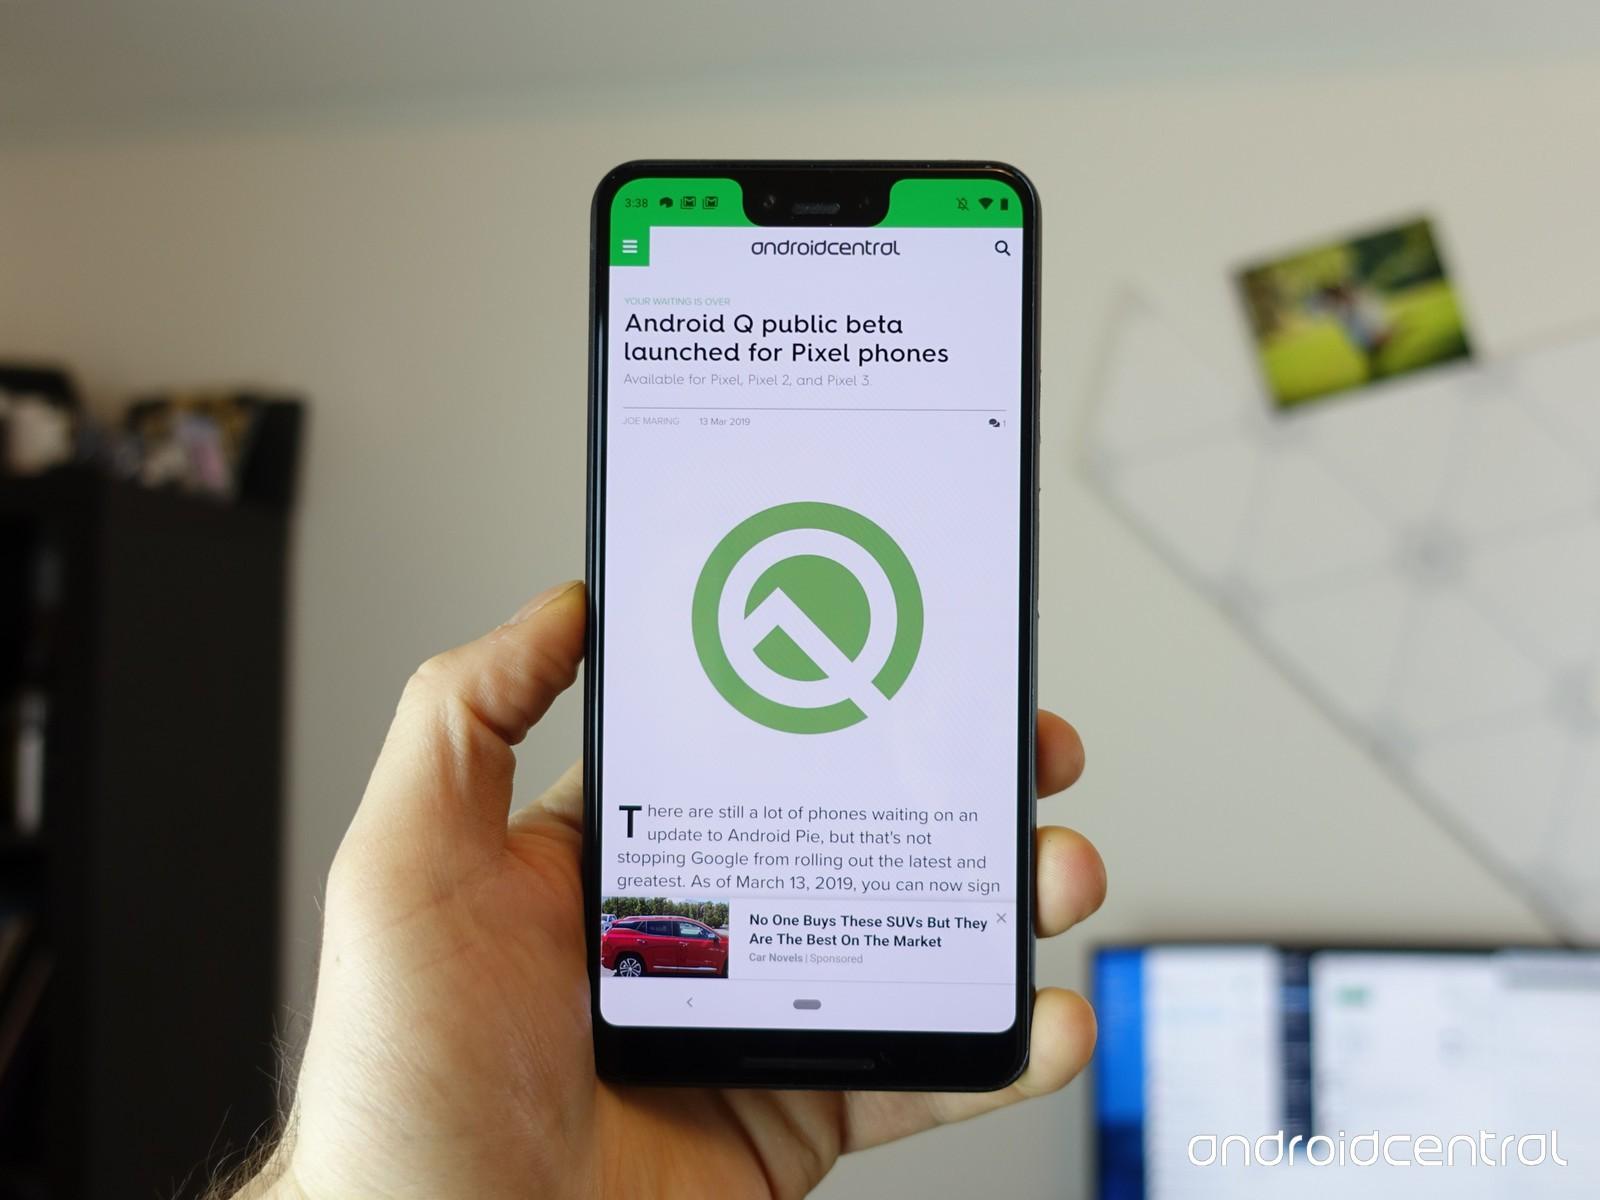 Sẽ có 6 bản beta trước khi Android Q chính thức ra mắt